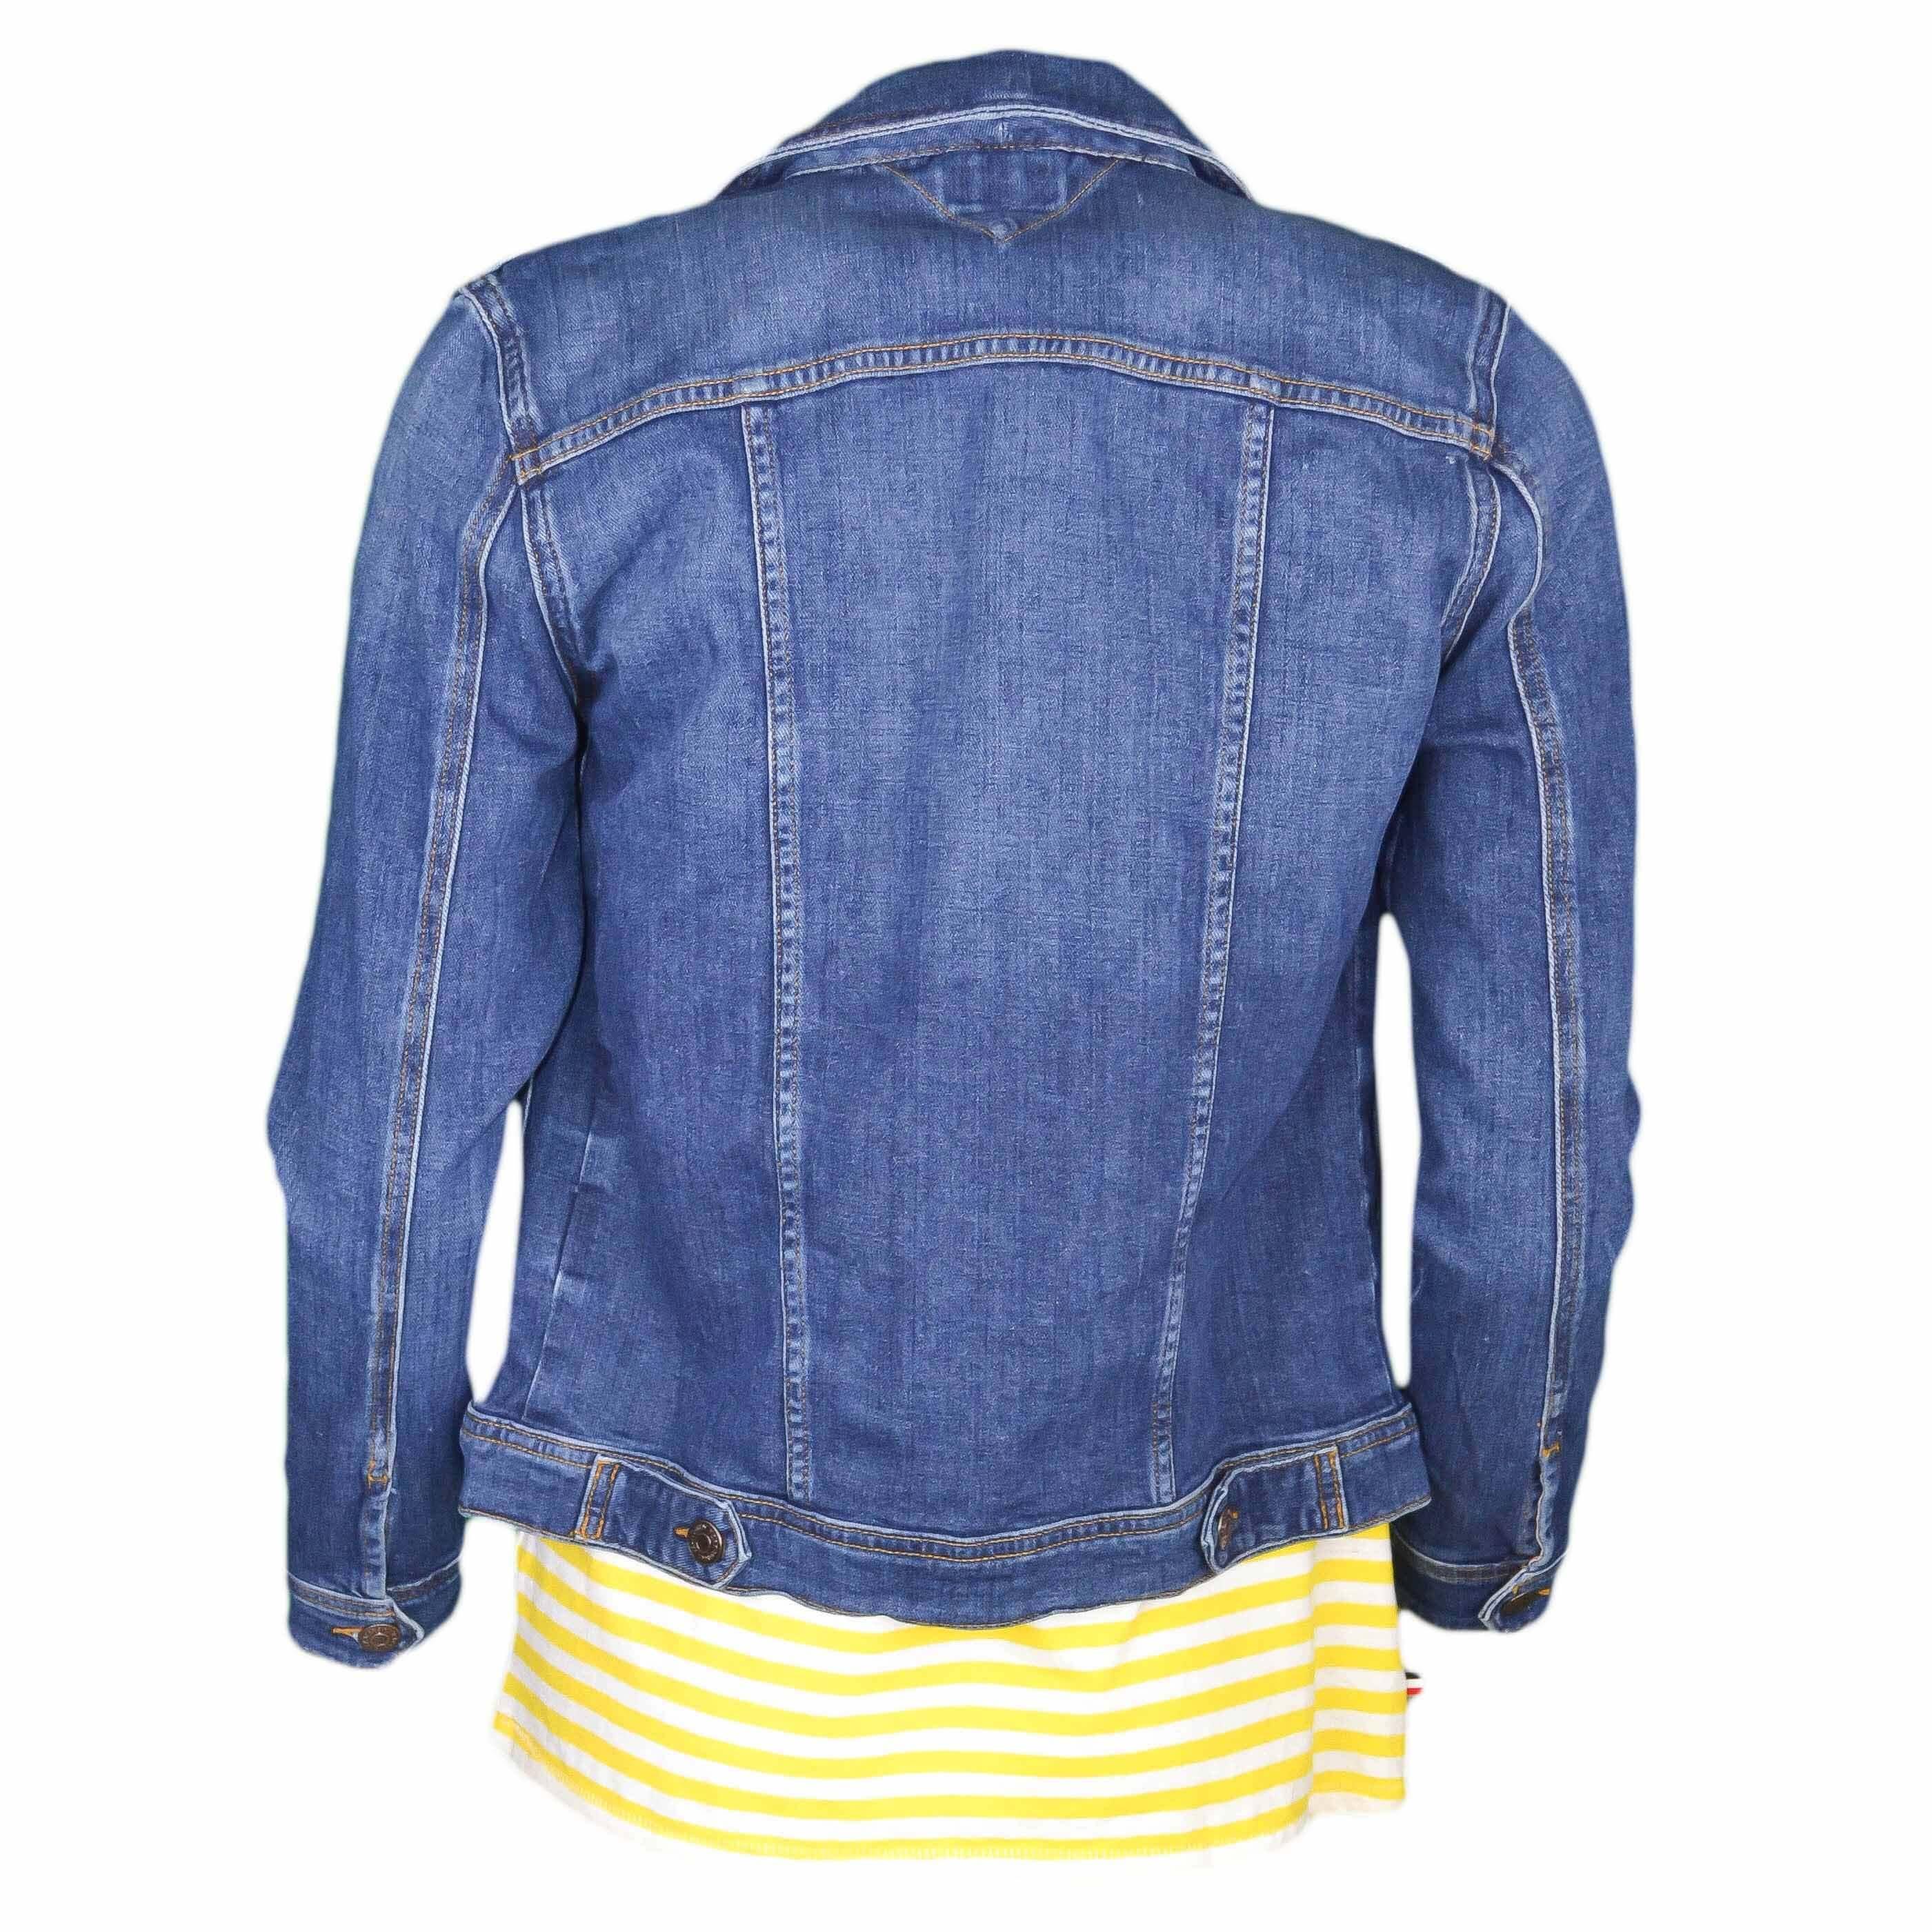 Jeans Pour Foncé Meill Veste Jean Bleu Femme Toujours En Au Tommy qHHYn1t